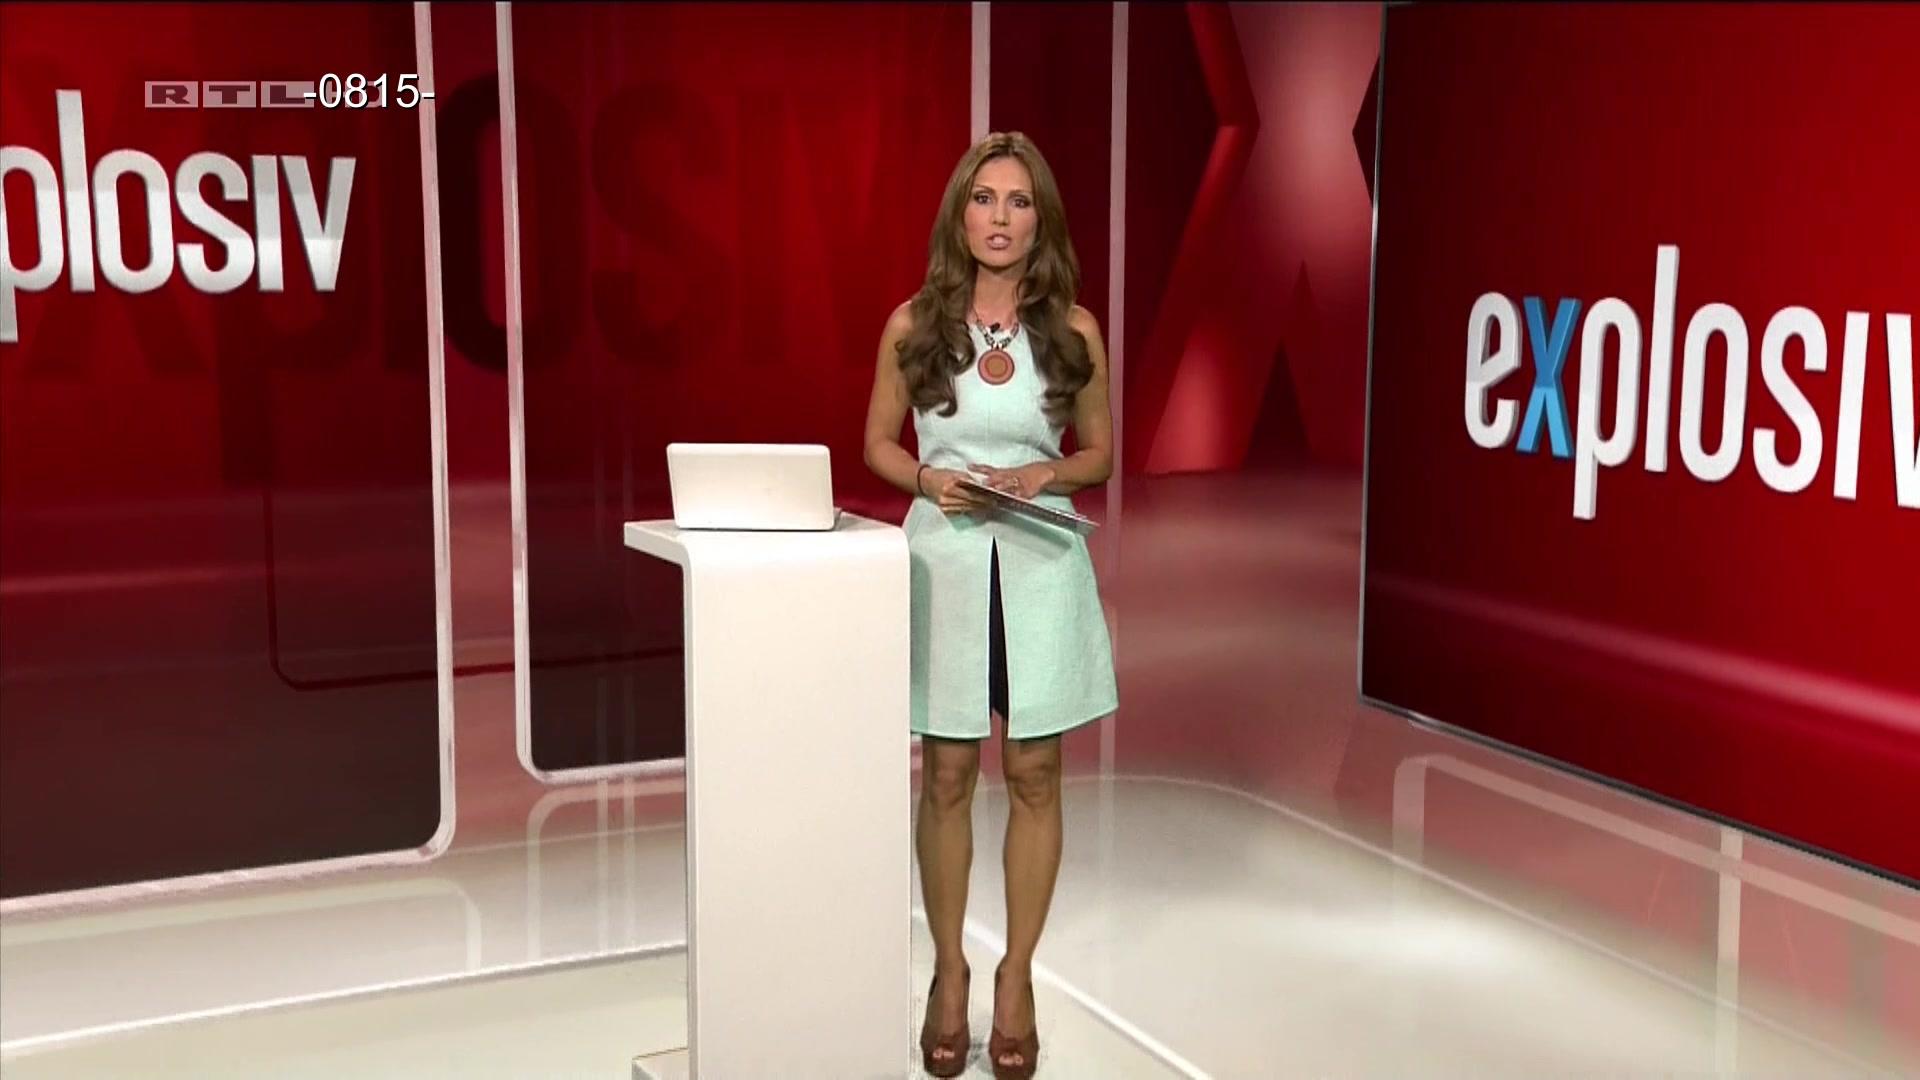 moderatorinnen deutsches fernsehen